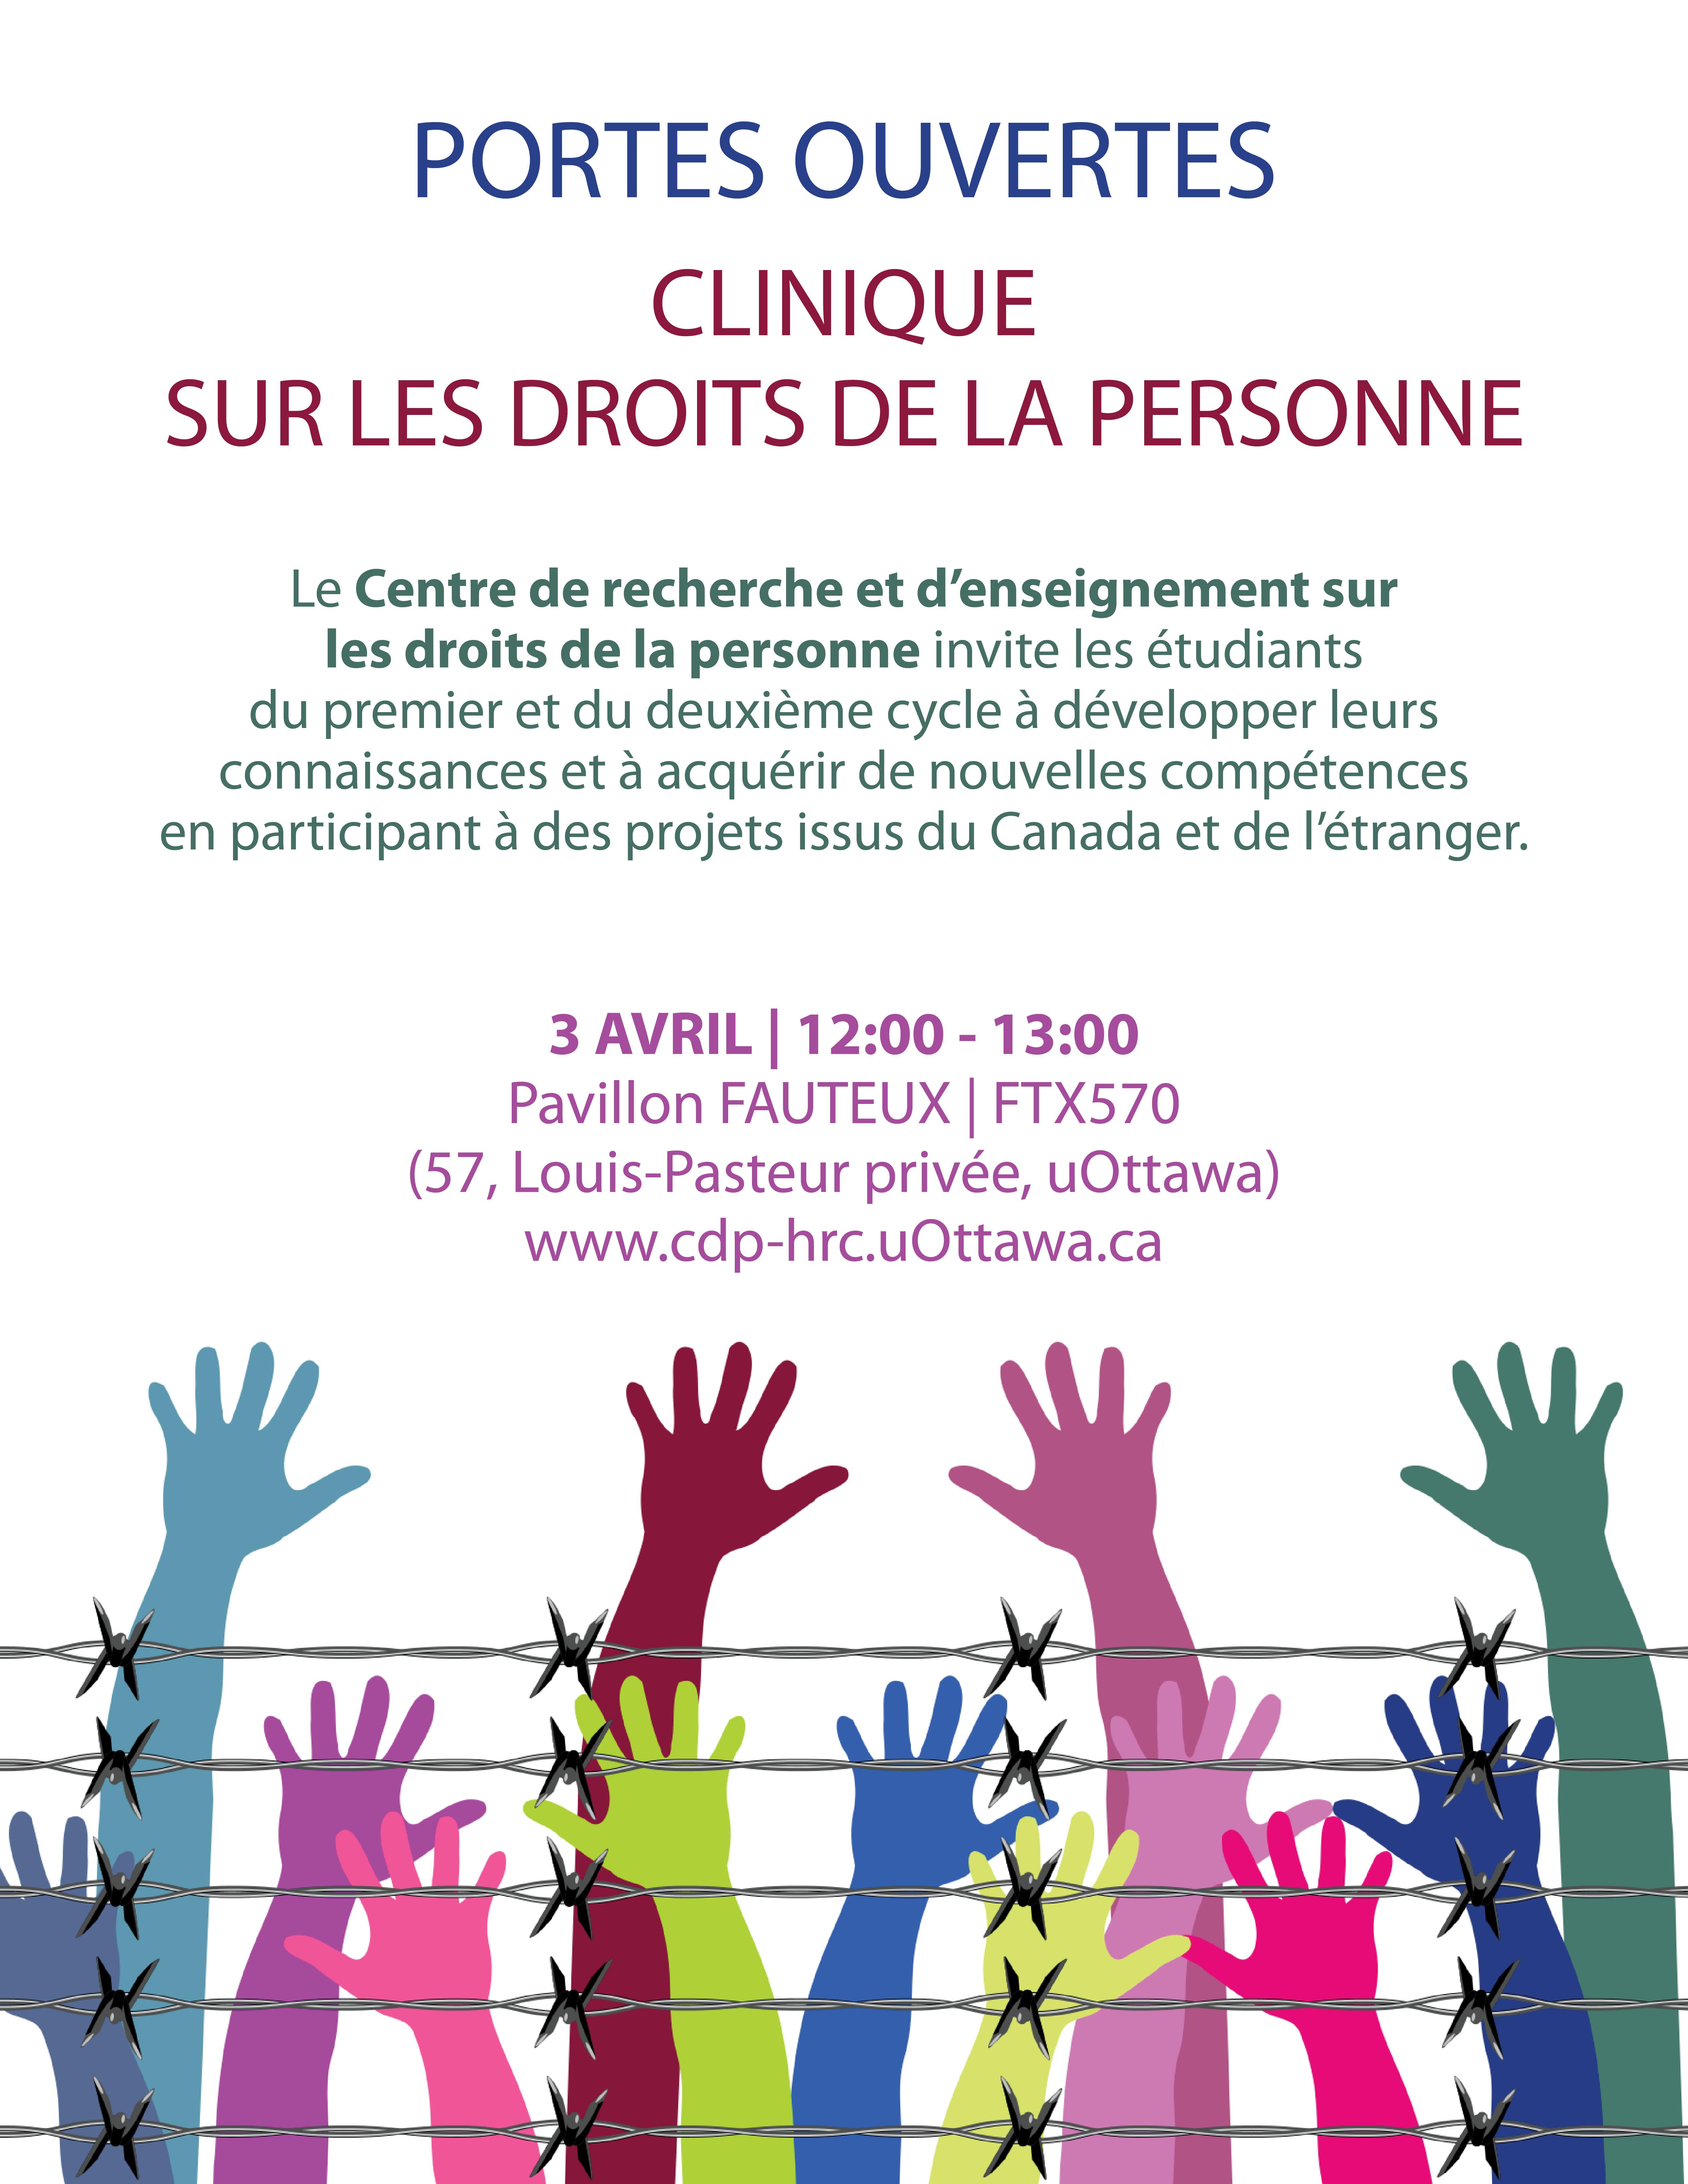 Portes ouvertes - Clinique sur les droits de la personne